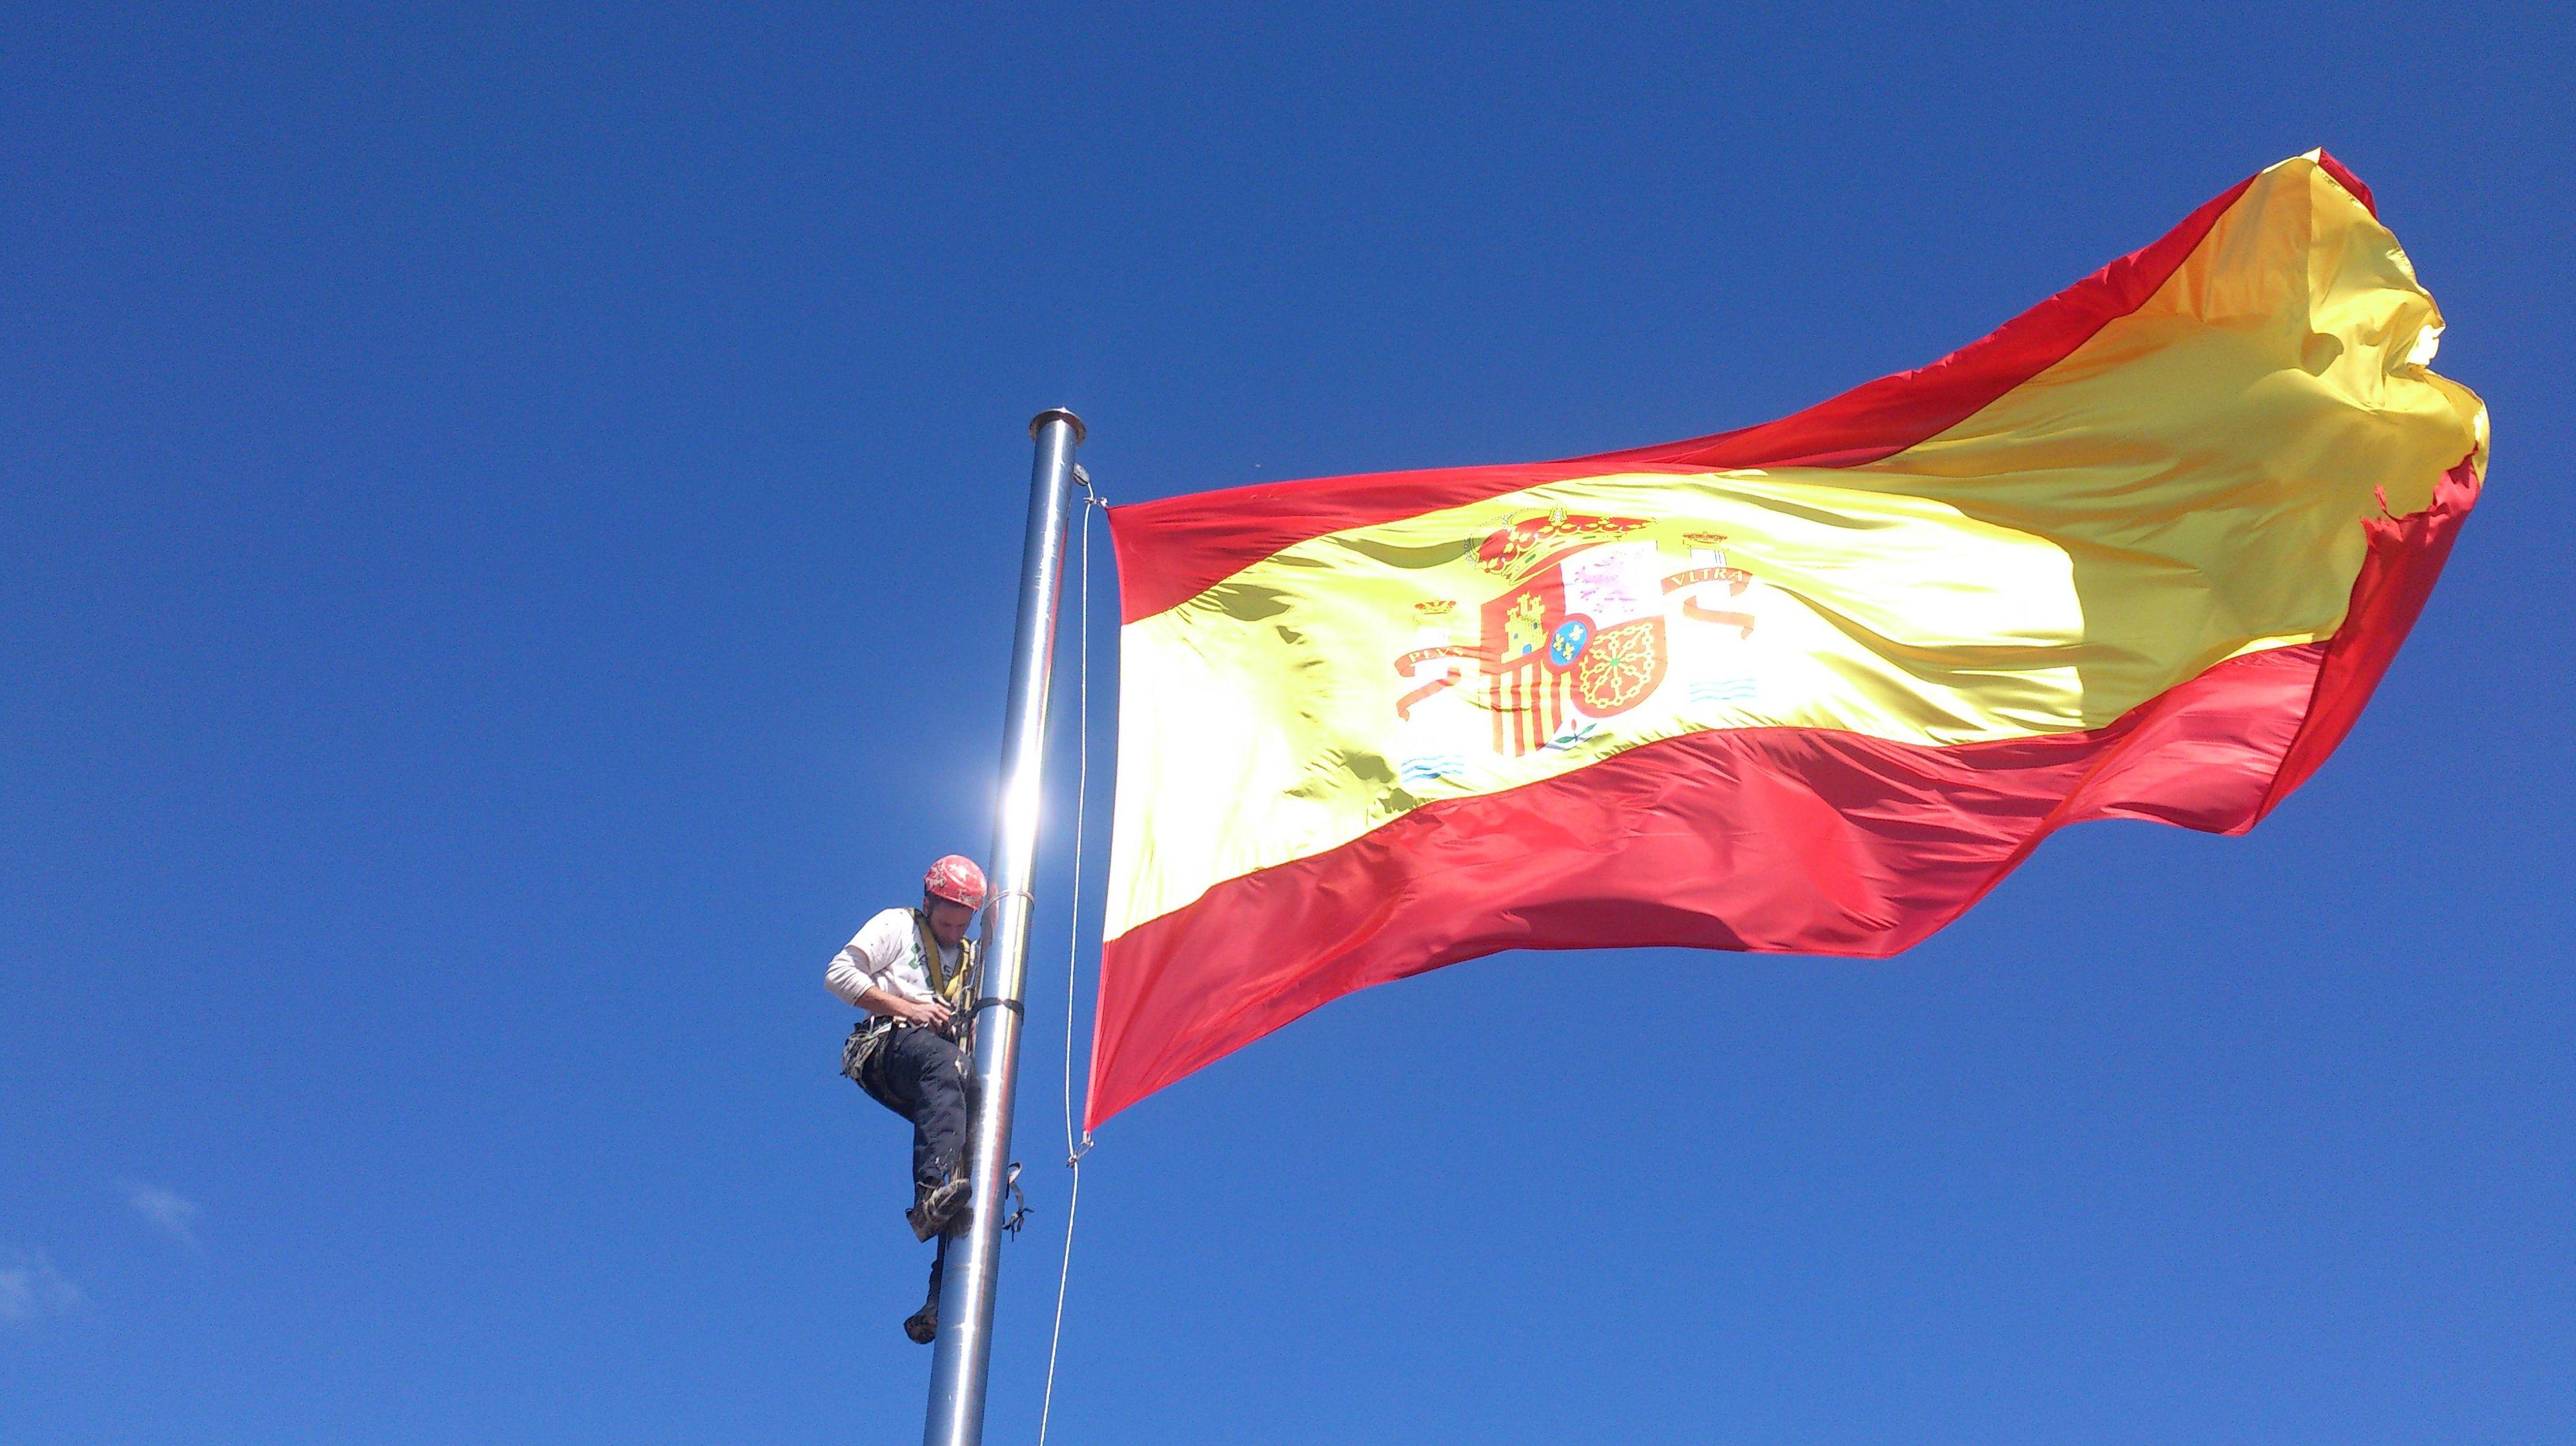 Trabajos en altura sin andamios en Cantabria